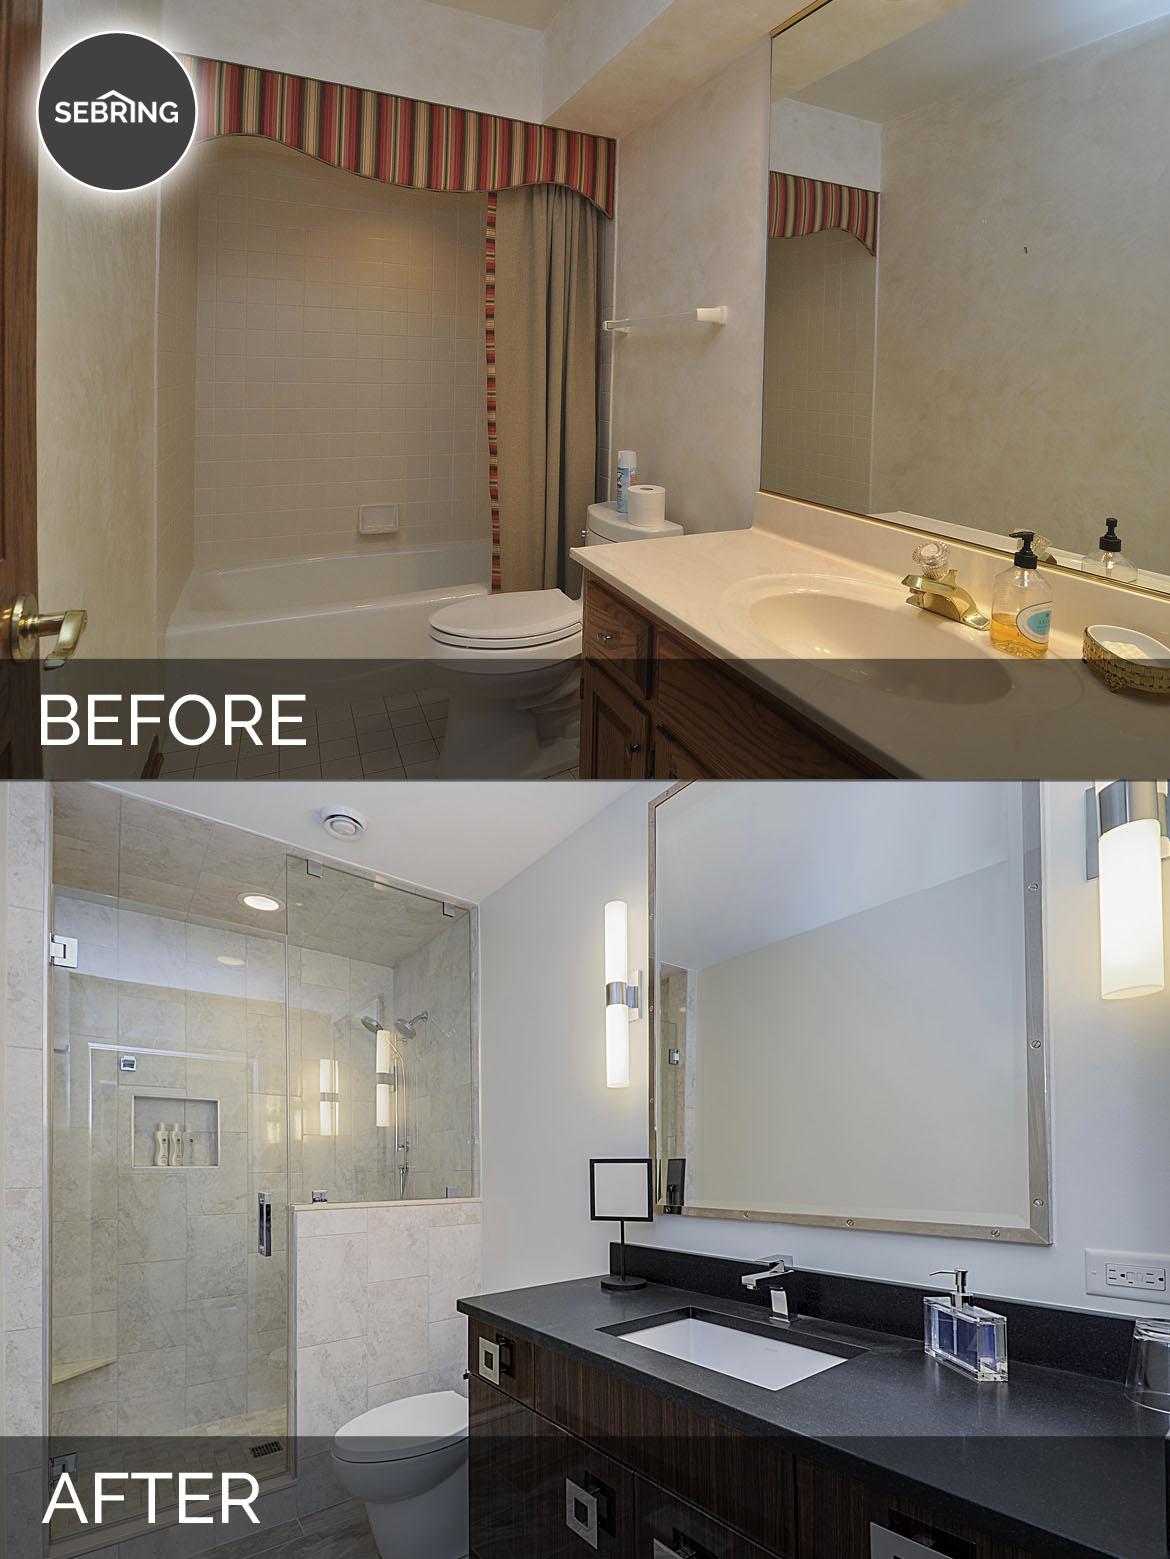 Bathroom Remodeling Description